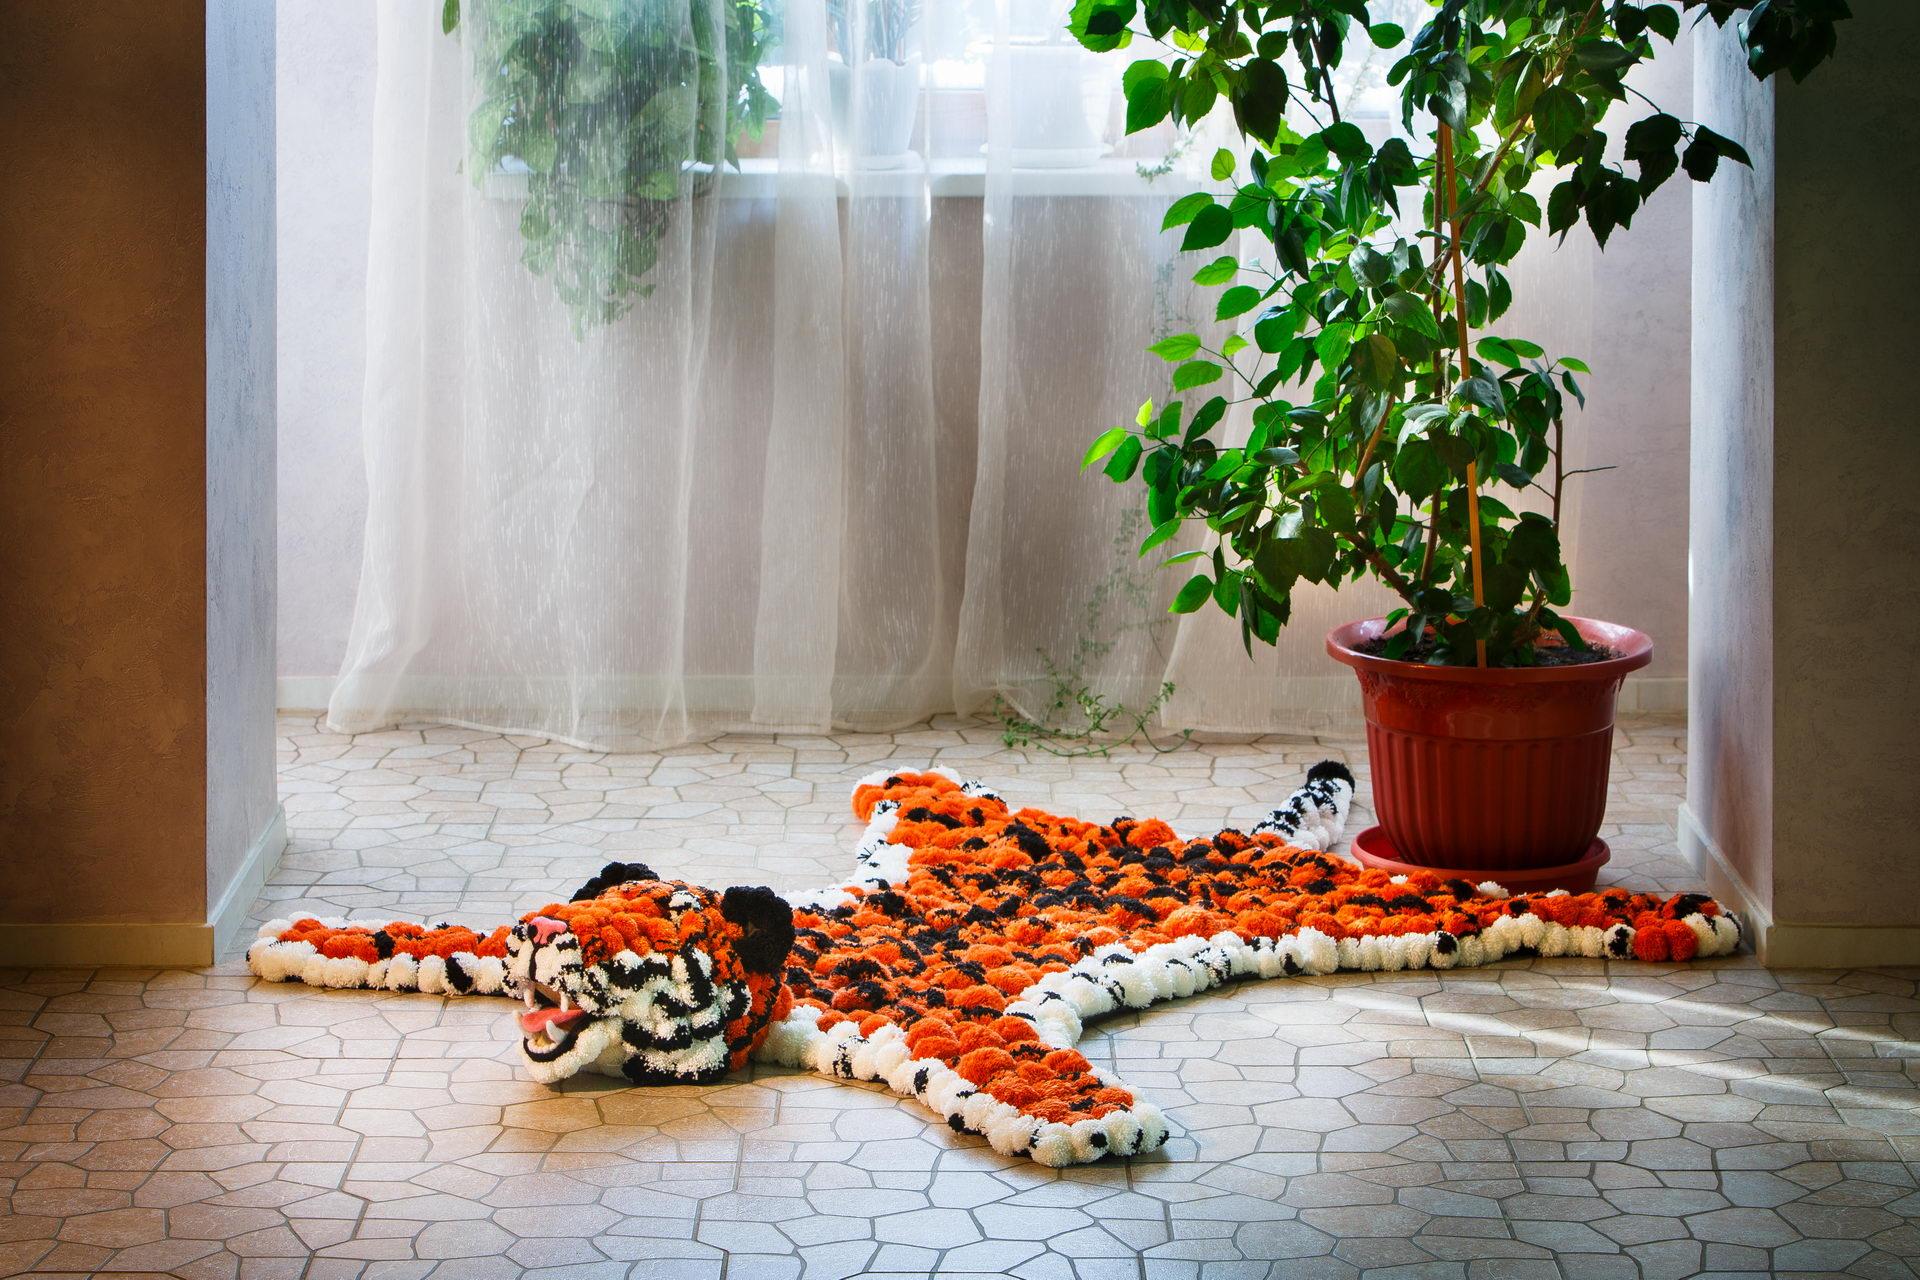 Коврик из помпонов в виде тигра